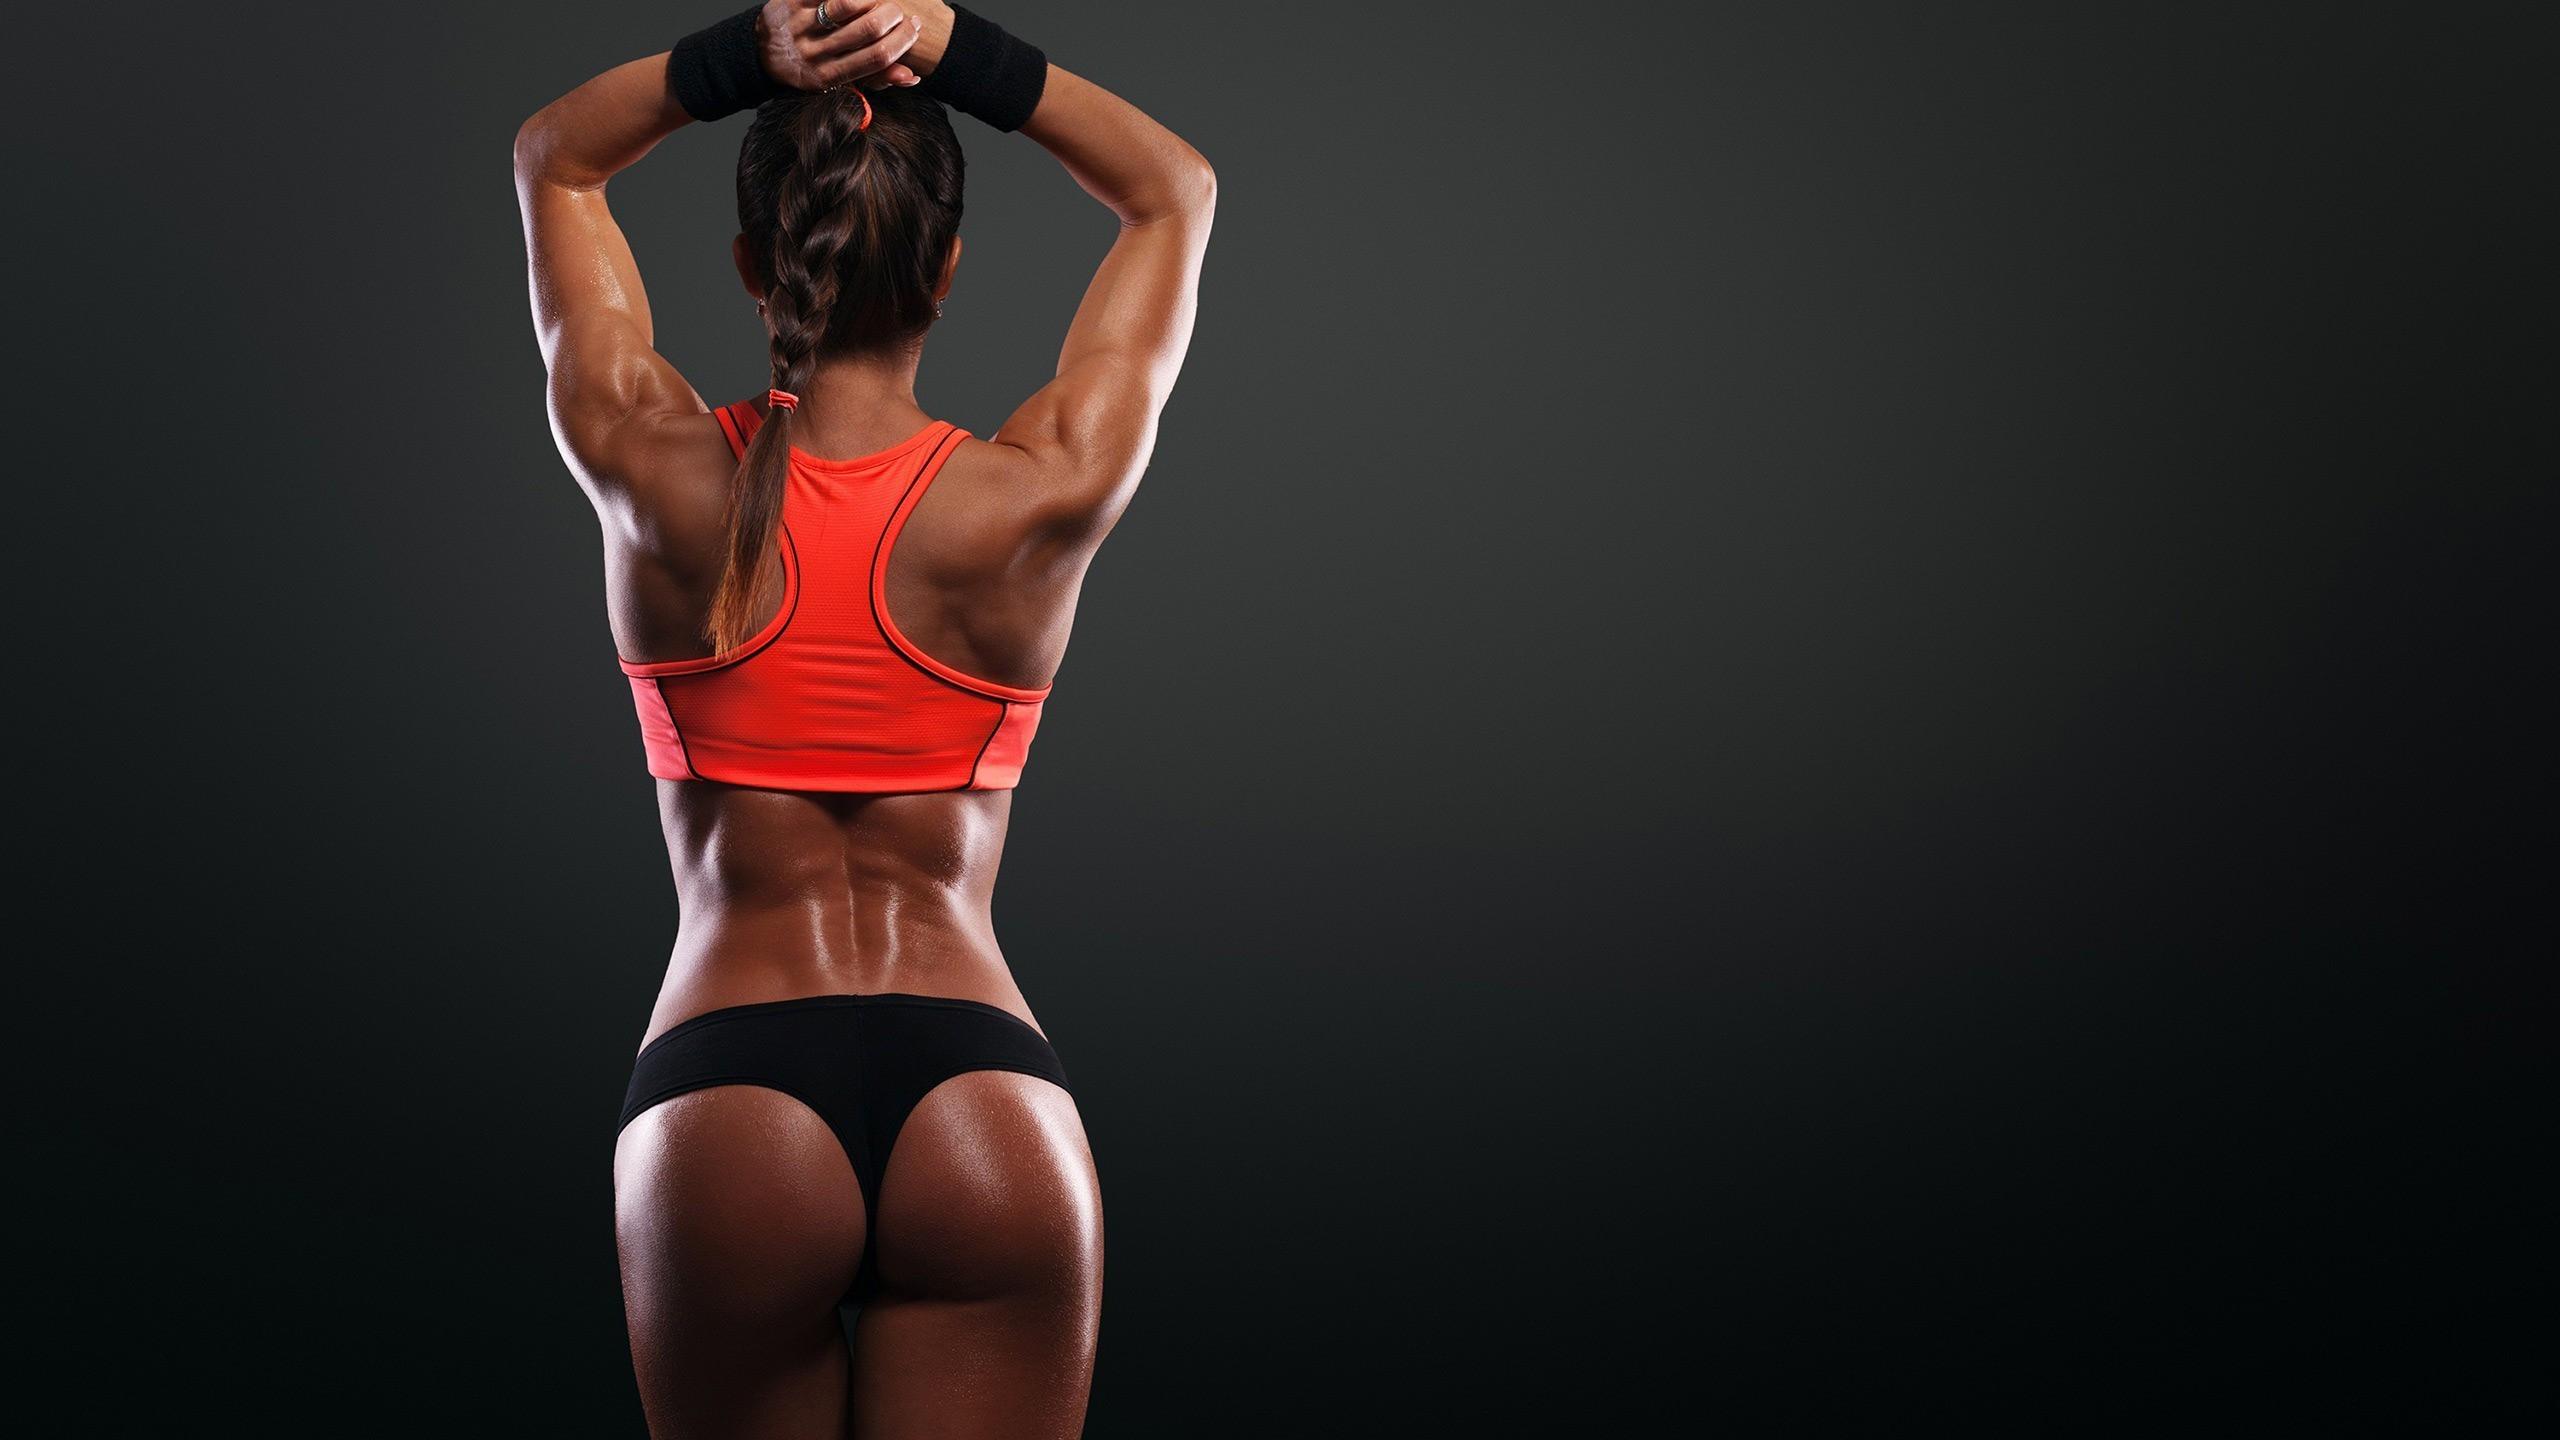 Motivational Fitness Women HD Desktop Wallpapers : High Definition .